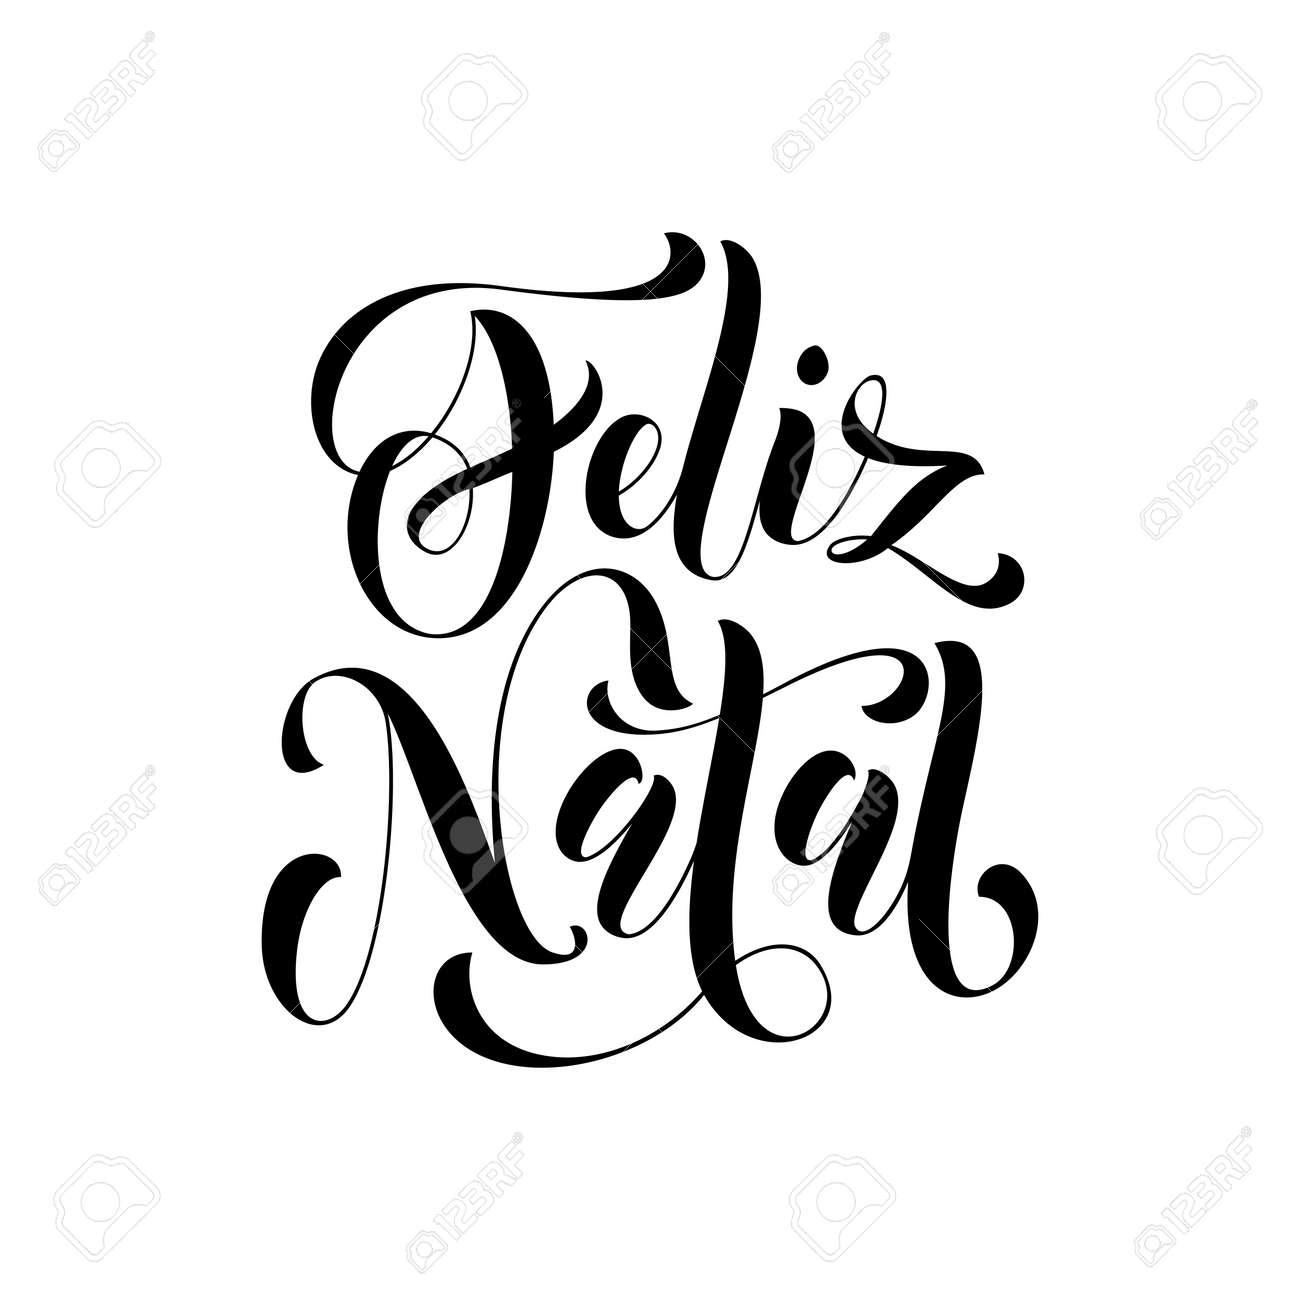 Feliz Natal Für Portugiesische Gruß, Brasilianisches Ano Novo, Frohe ...